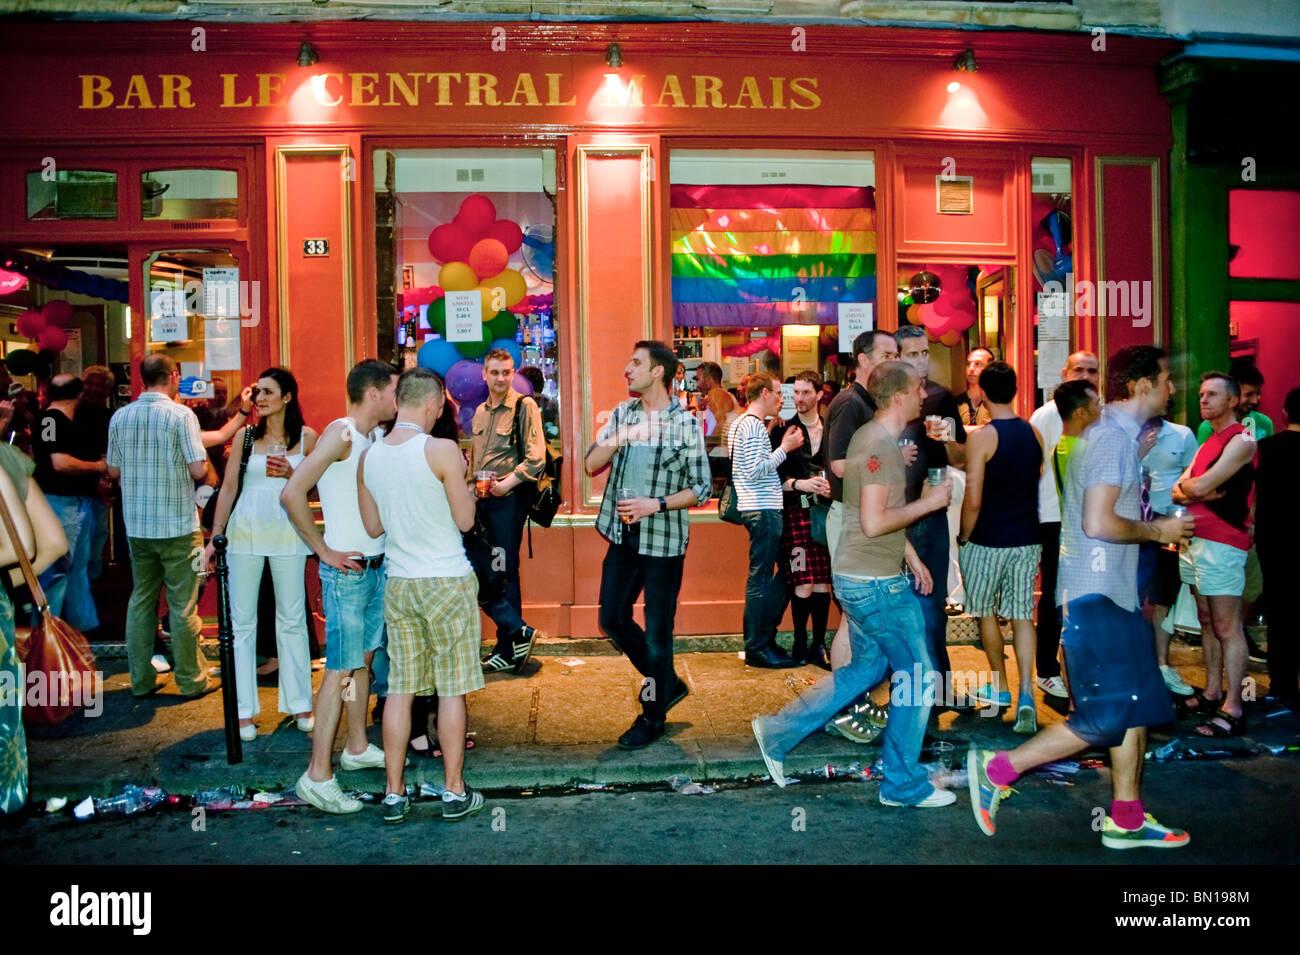 Local gay bar